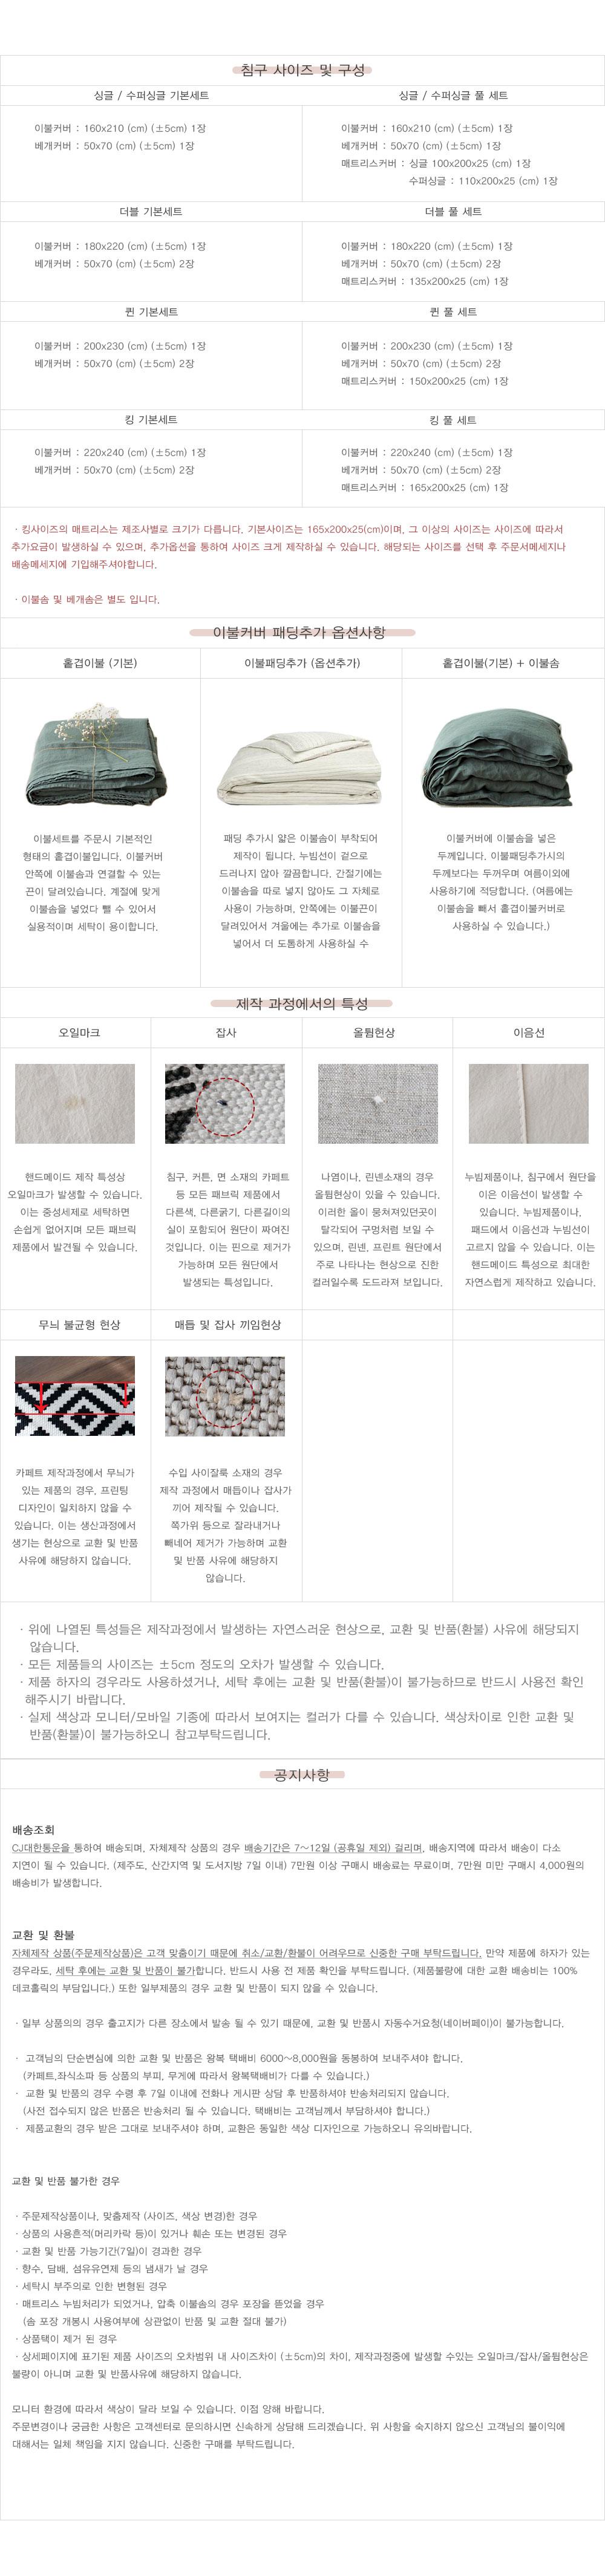 비이프 먼지없는 사계절 거실 대형 루프 카페트 (웜그레이)  (200x290cm) - 데코홀릭, 400,800원, 디자인러그, 디자인러그